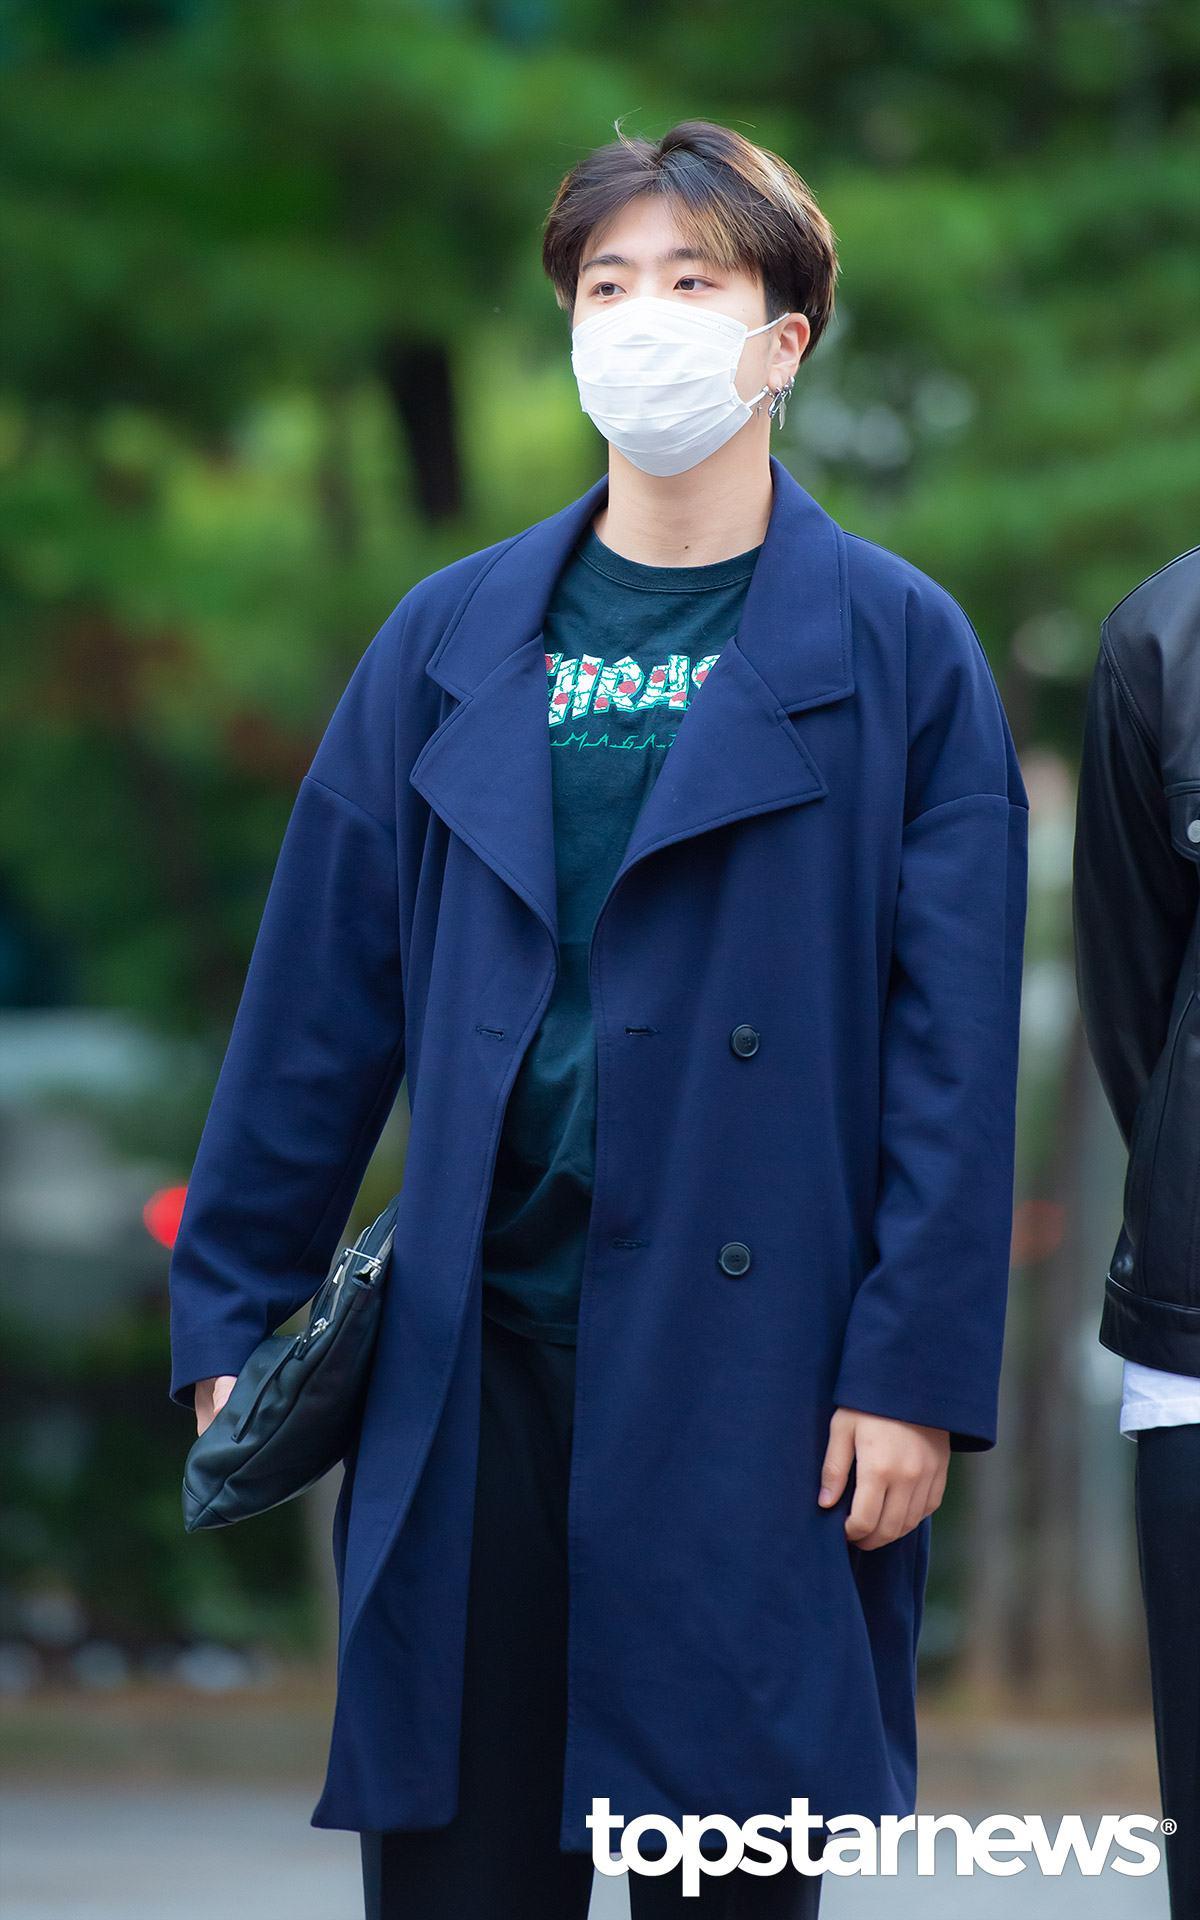 22歲-榮宰: 榮宰利用一件藍色的風衣外套配上全黑的內裡,這種穿搭的方式看起來非常有歐爸感,尤其利用手拿包凹造型,根本就是模特兒穿搭嘛~